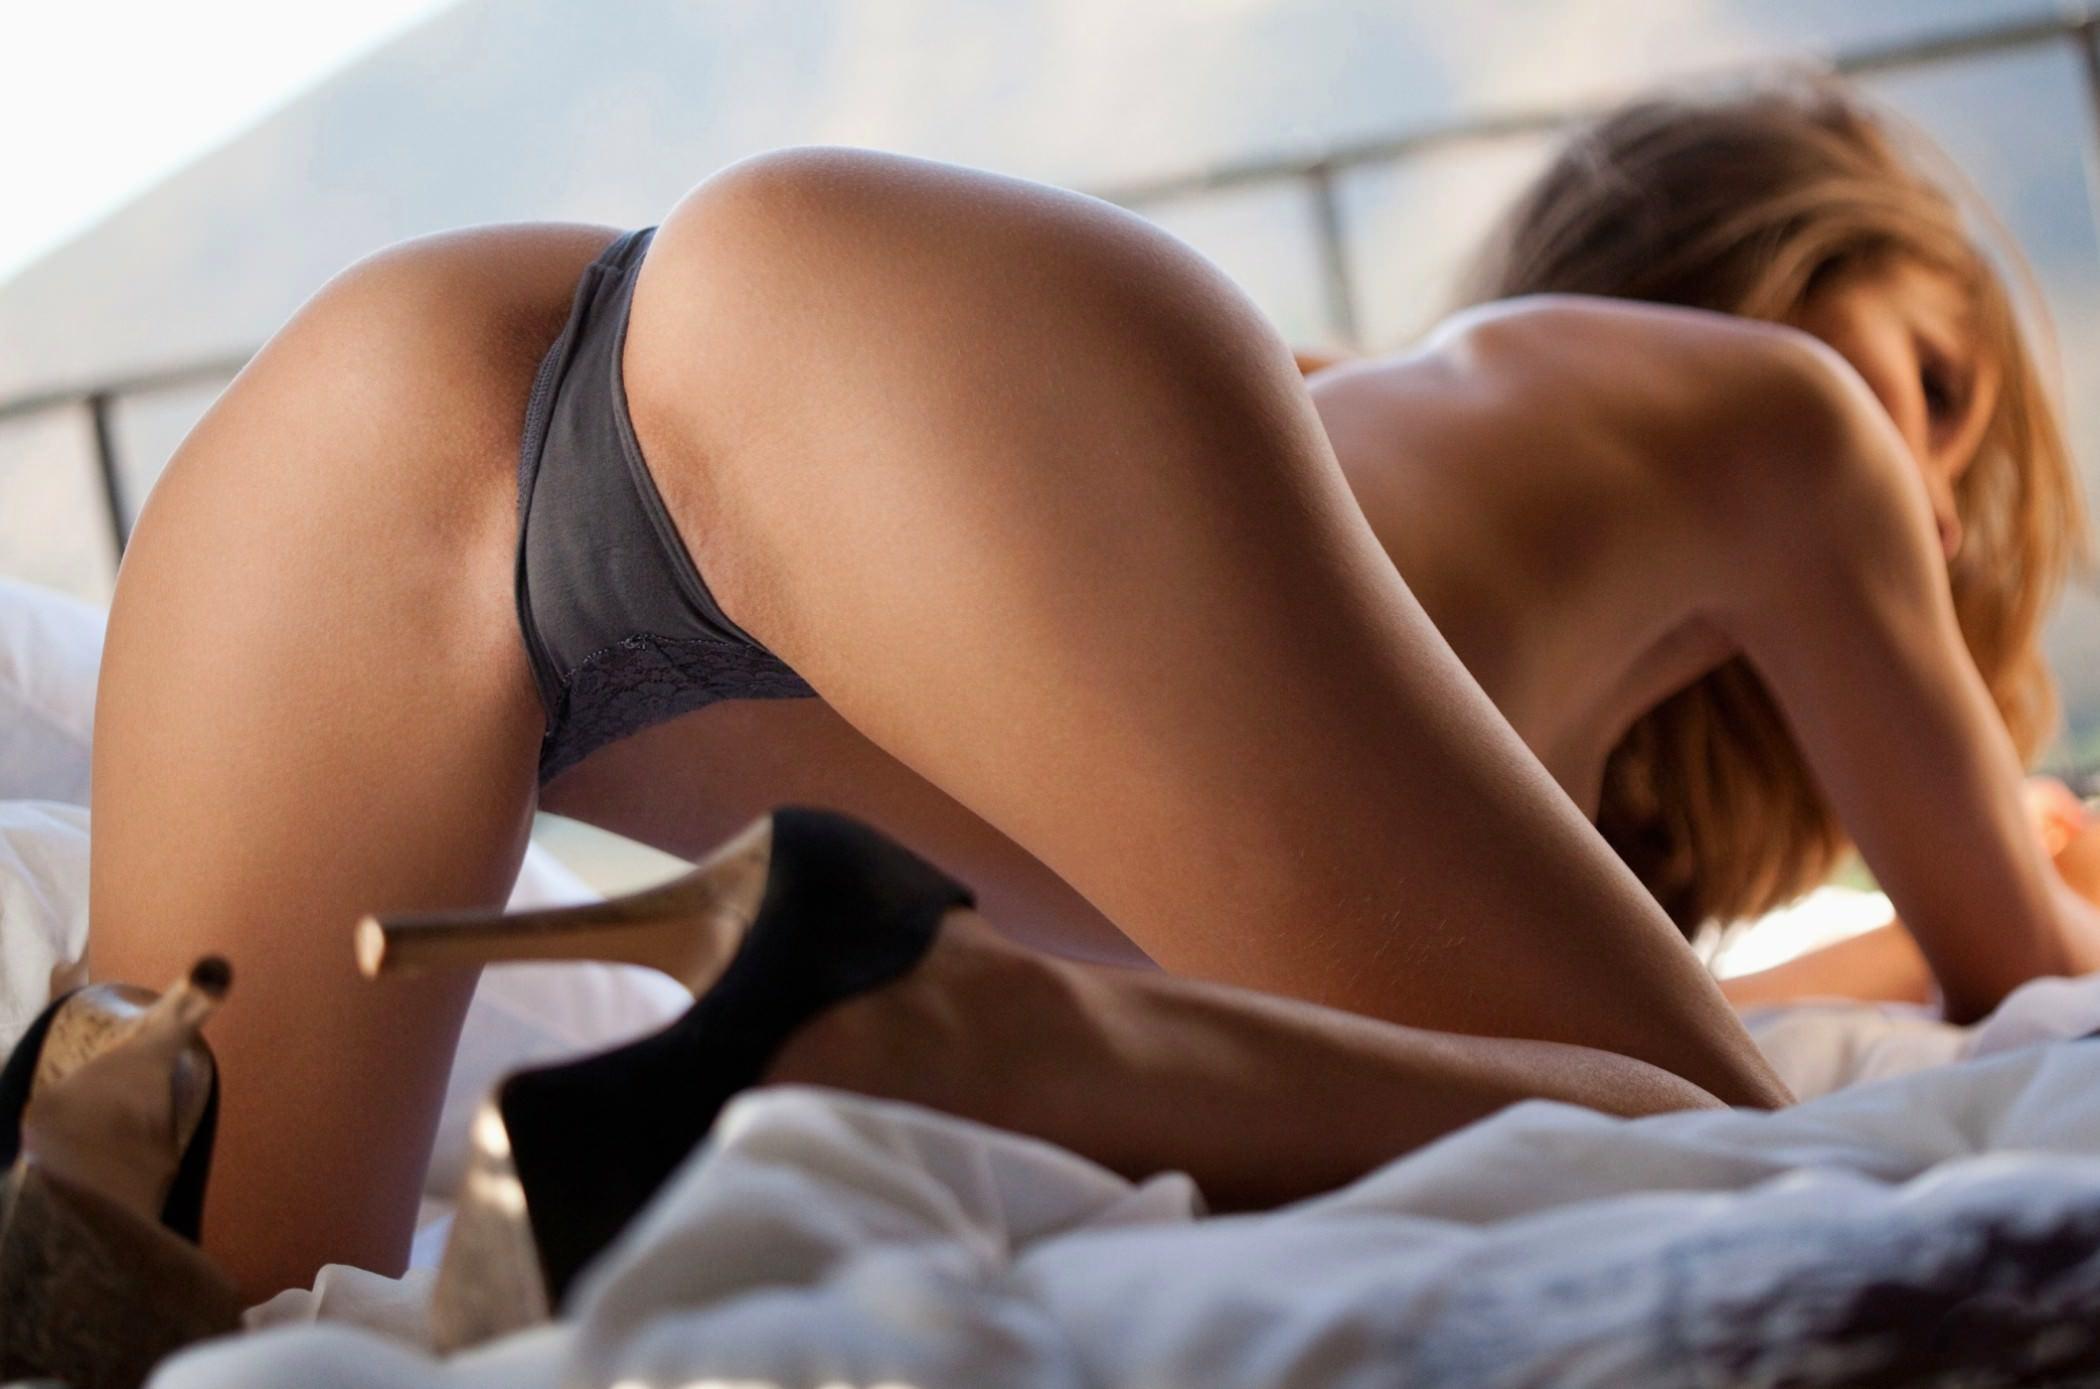 Сексуальная девка в трусиках 20 фотография